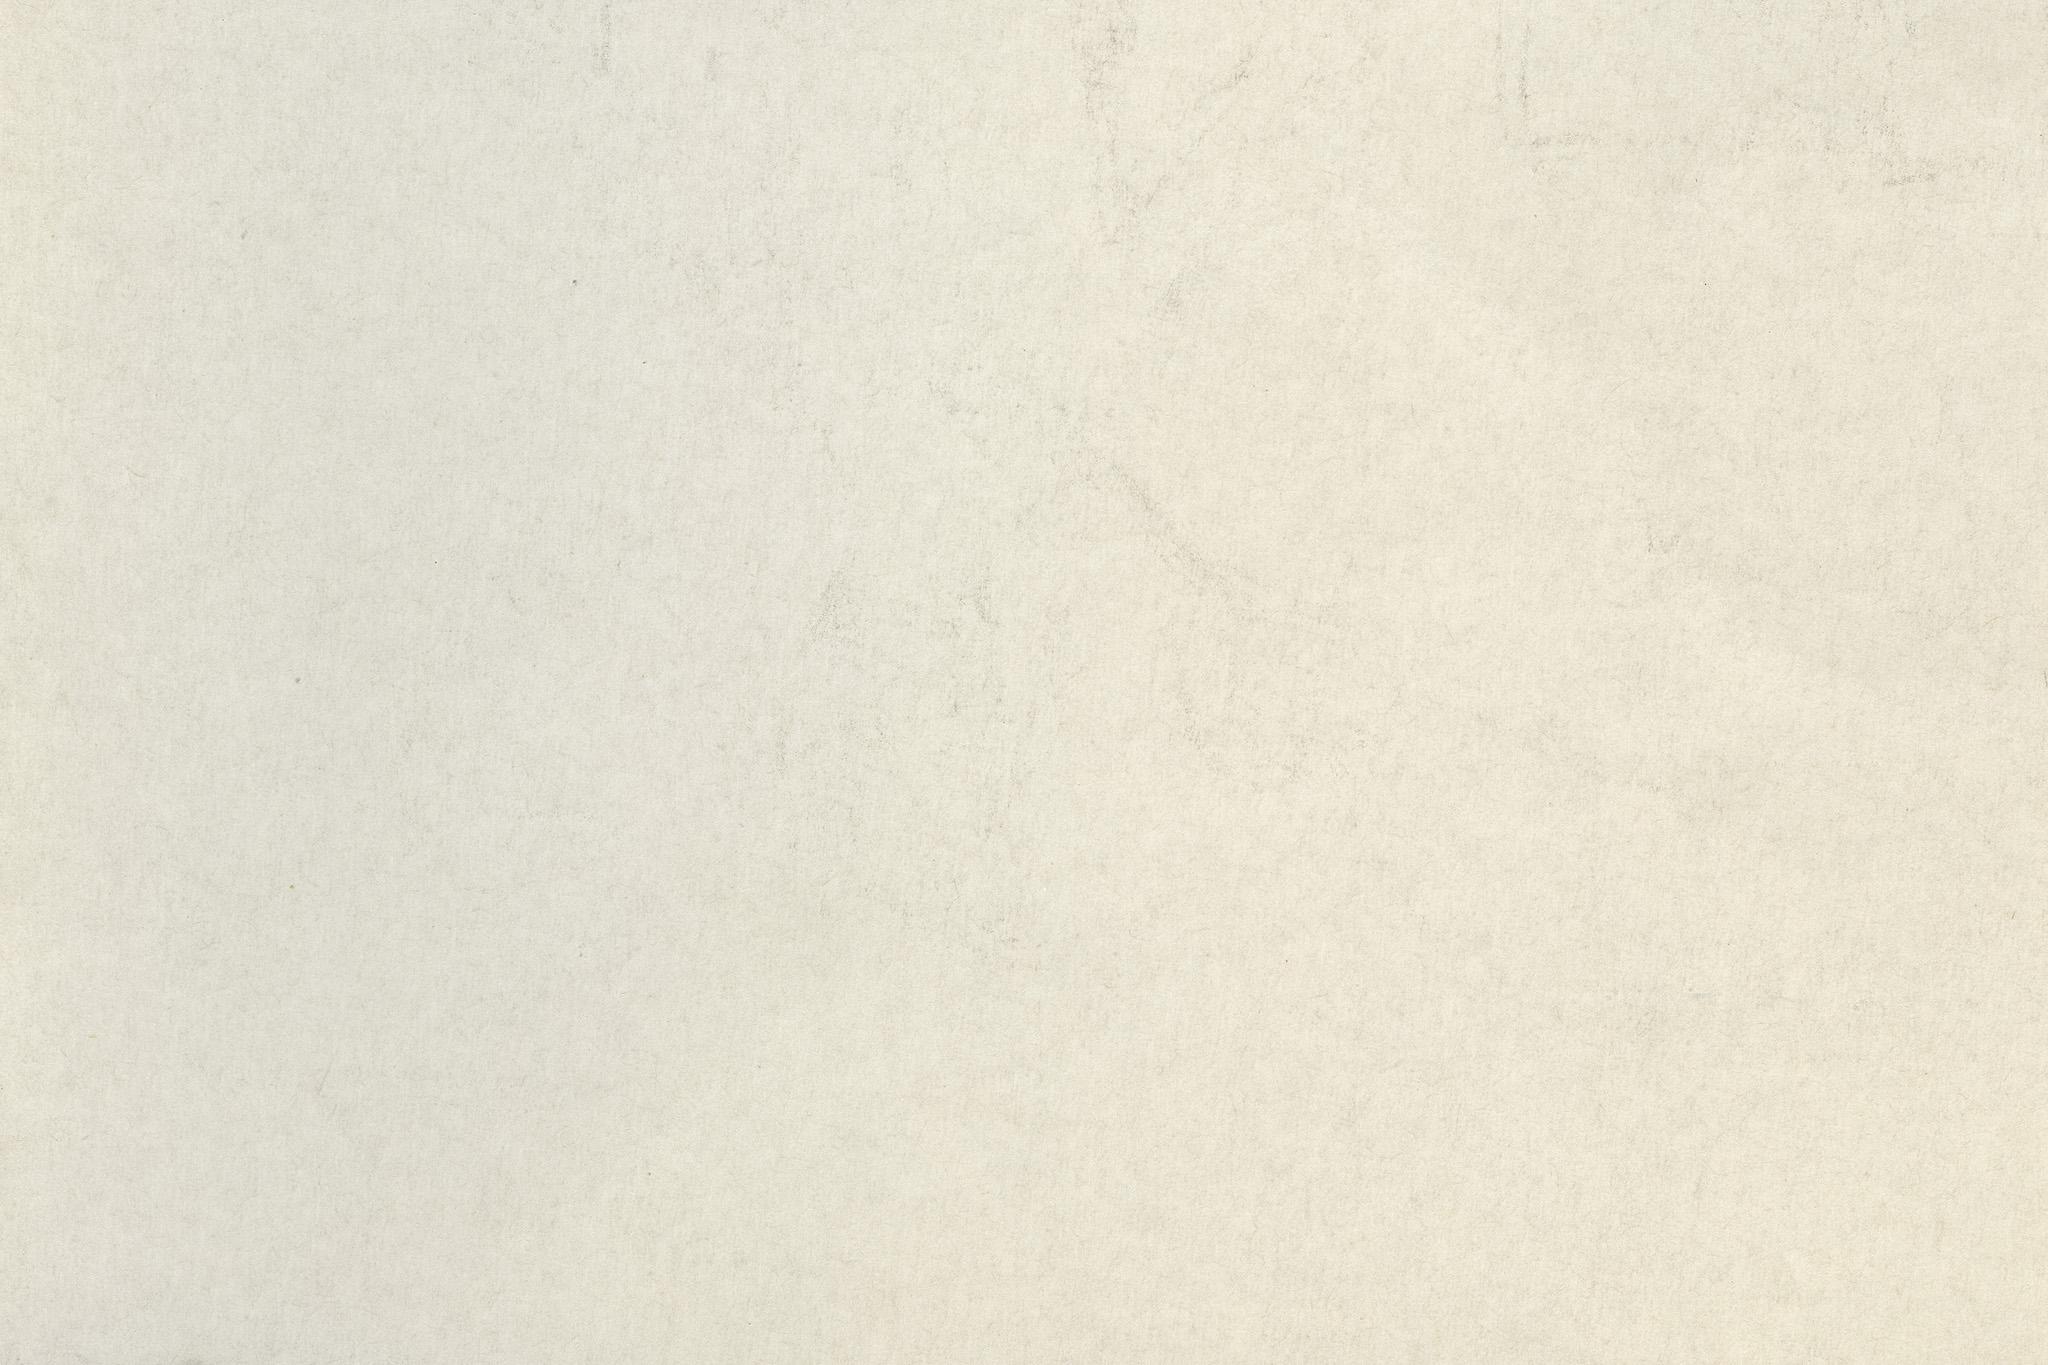 「淡色系の古い紙」